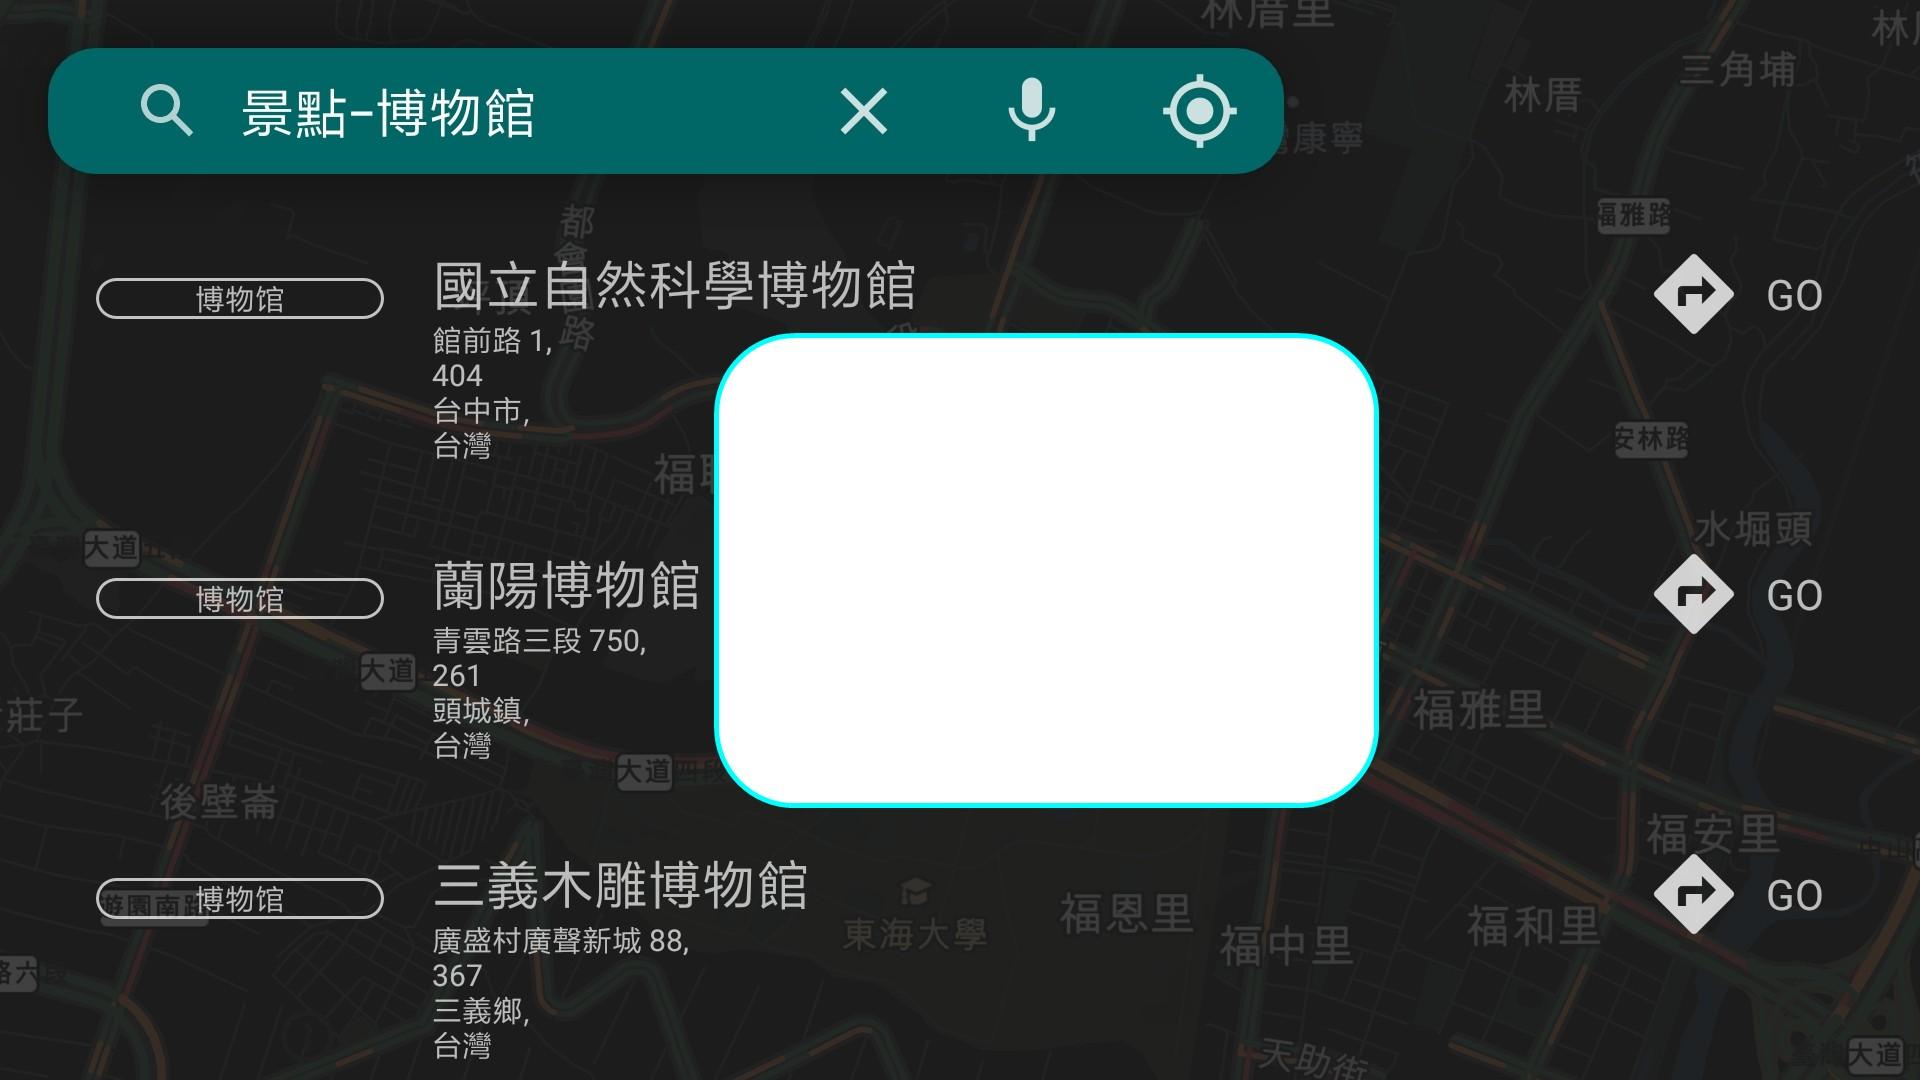 Screenshot_2020-09-21-18-00-52-255_idv.xunqun.navier.jpg